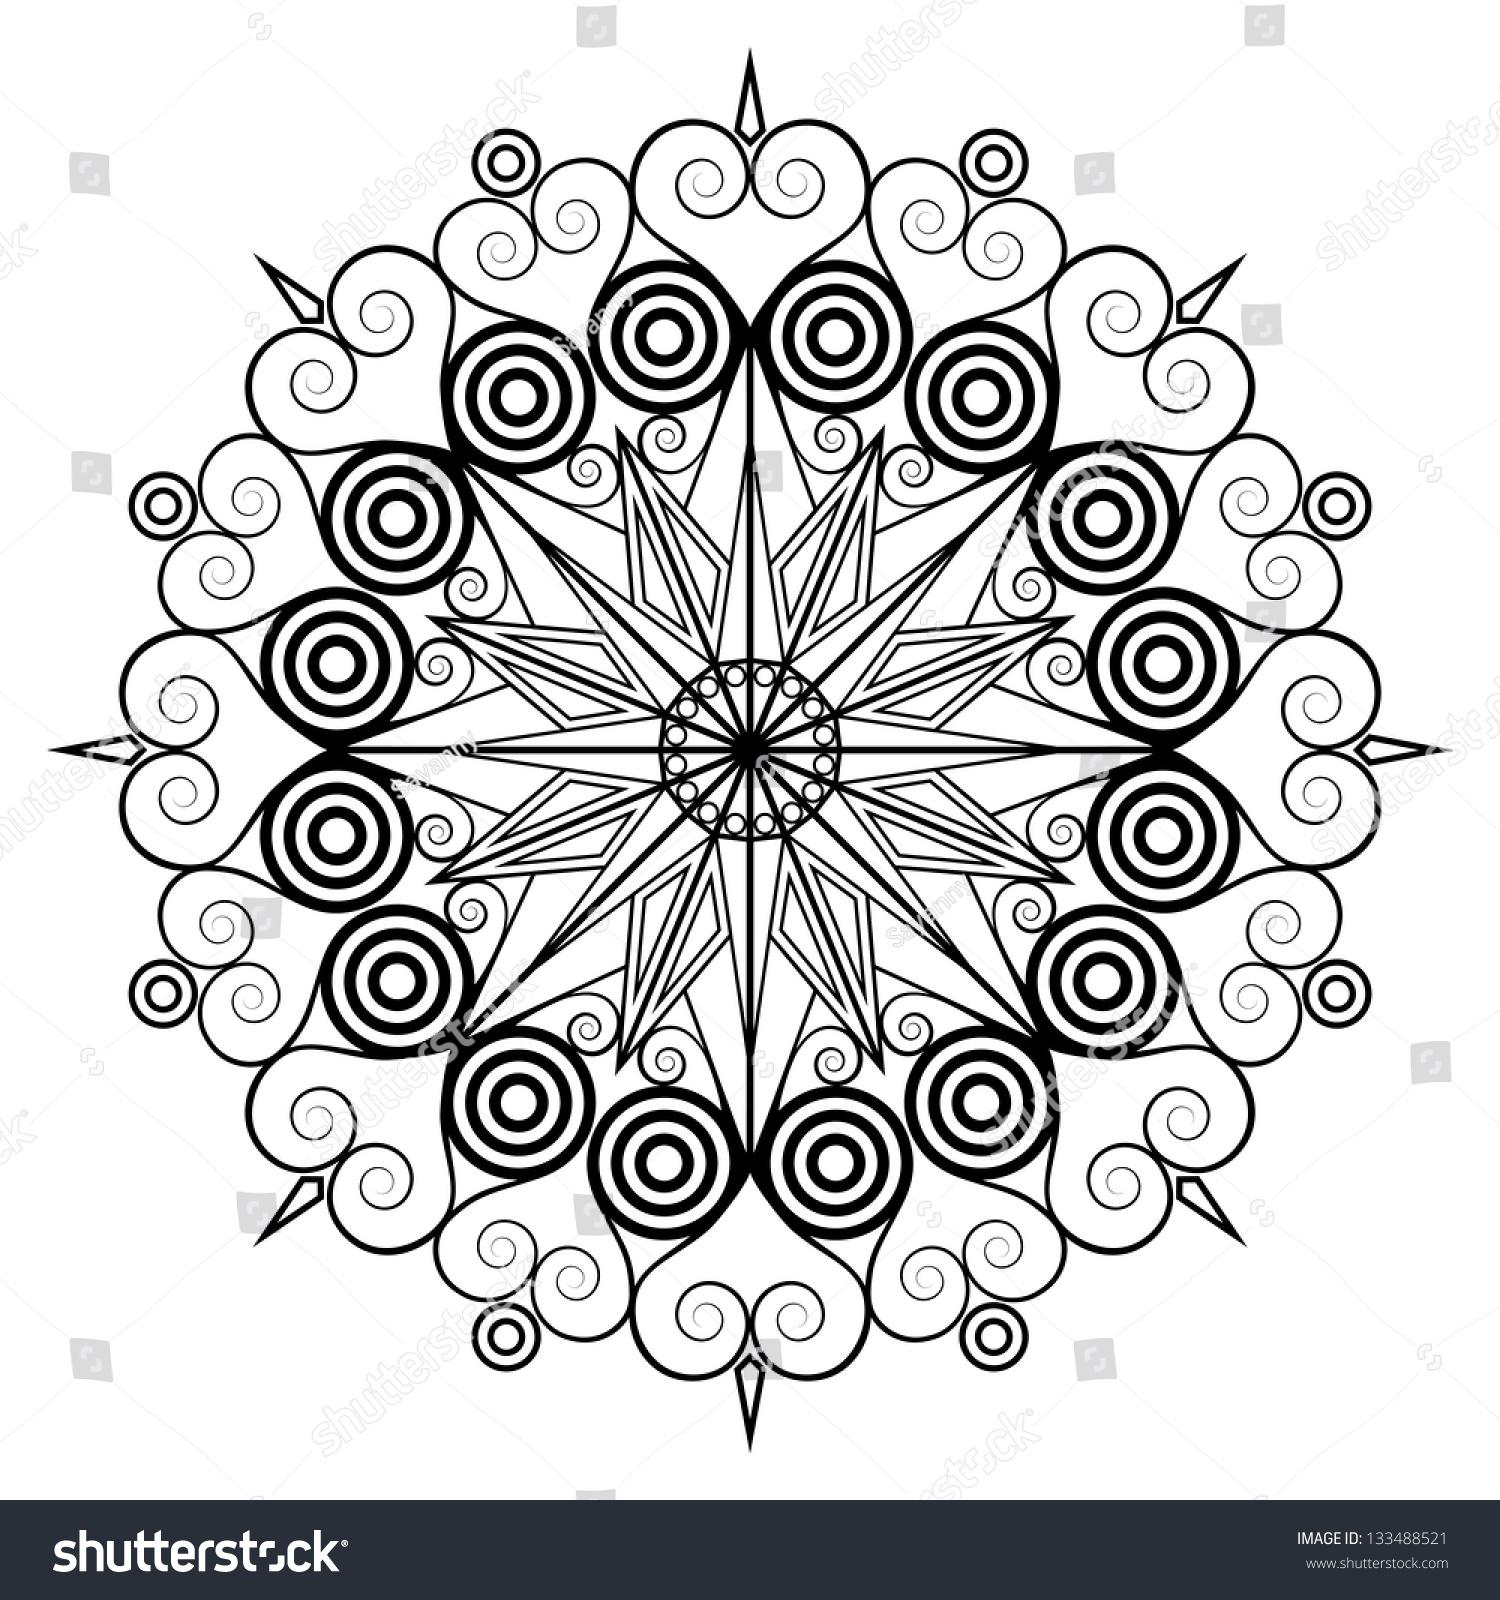 Round Arabesque Pattern Element For Design